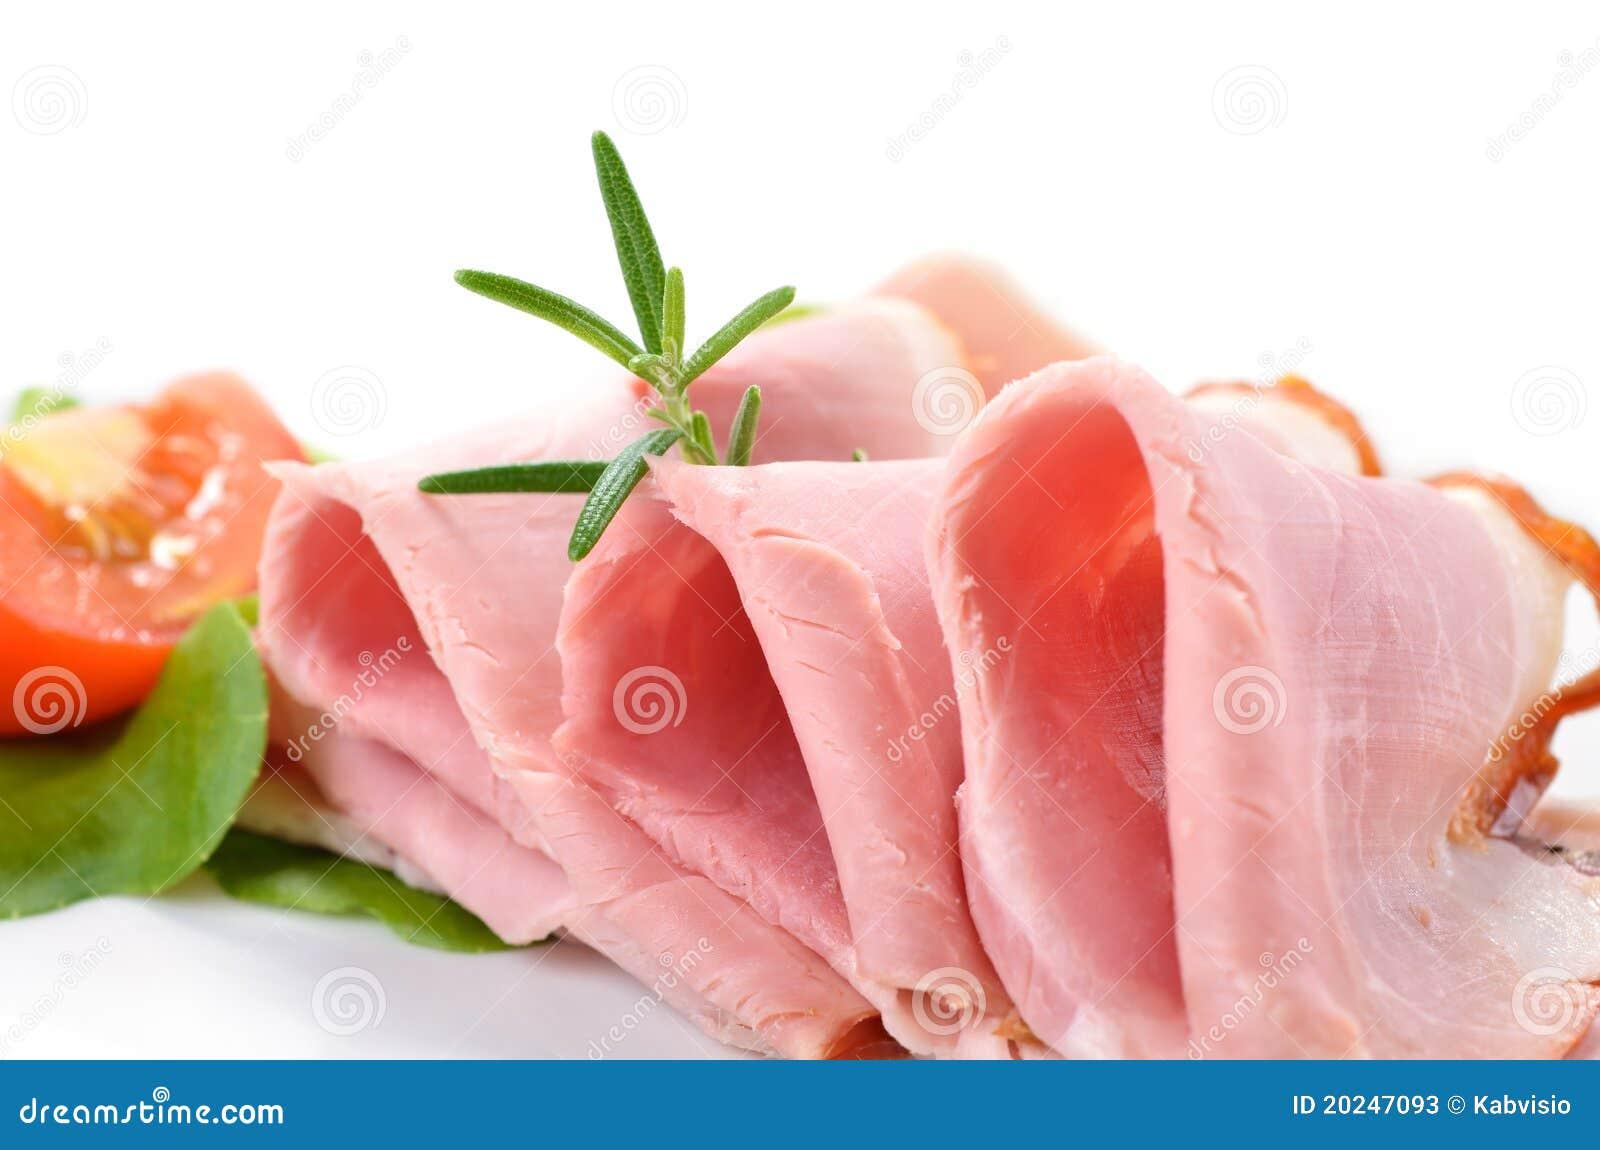 ham brawn yummy - photo #38